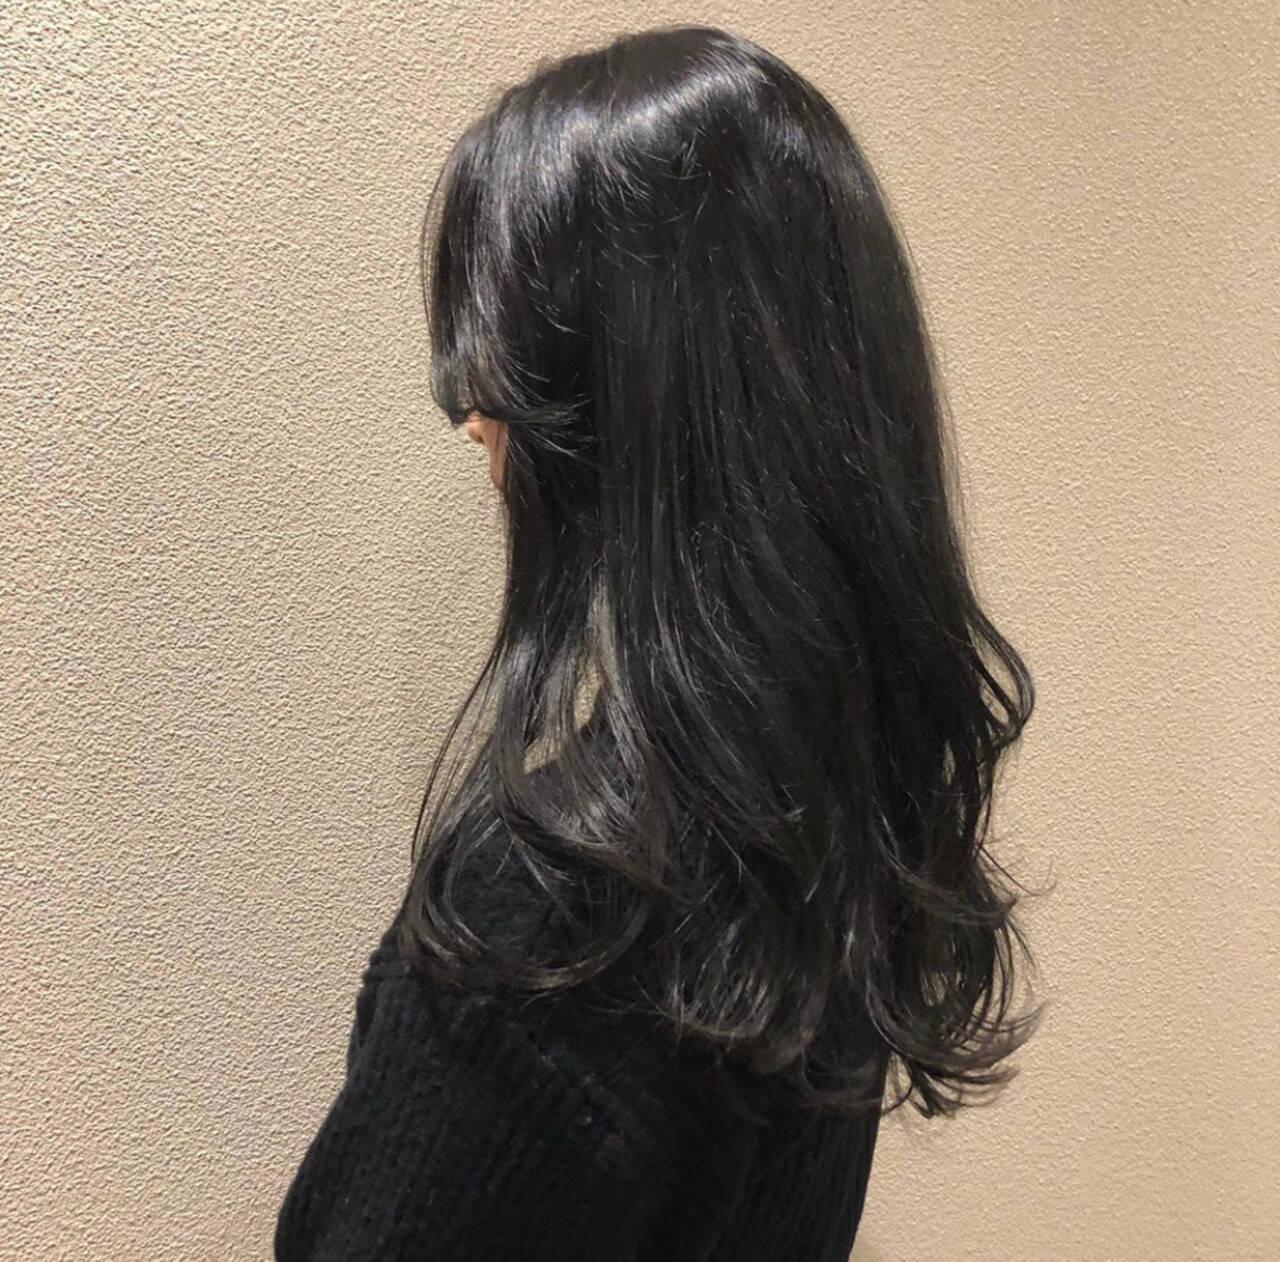 黒髪 フェミニン 暗髪 レイヤーロングヘアヘアスタイルや髪型の写真・画像